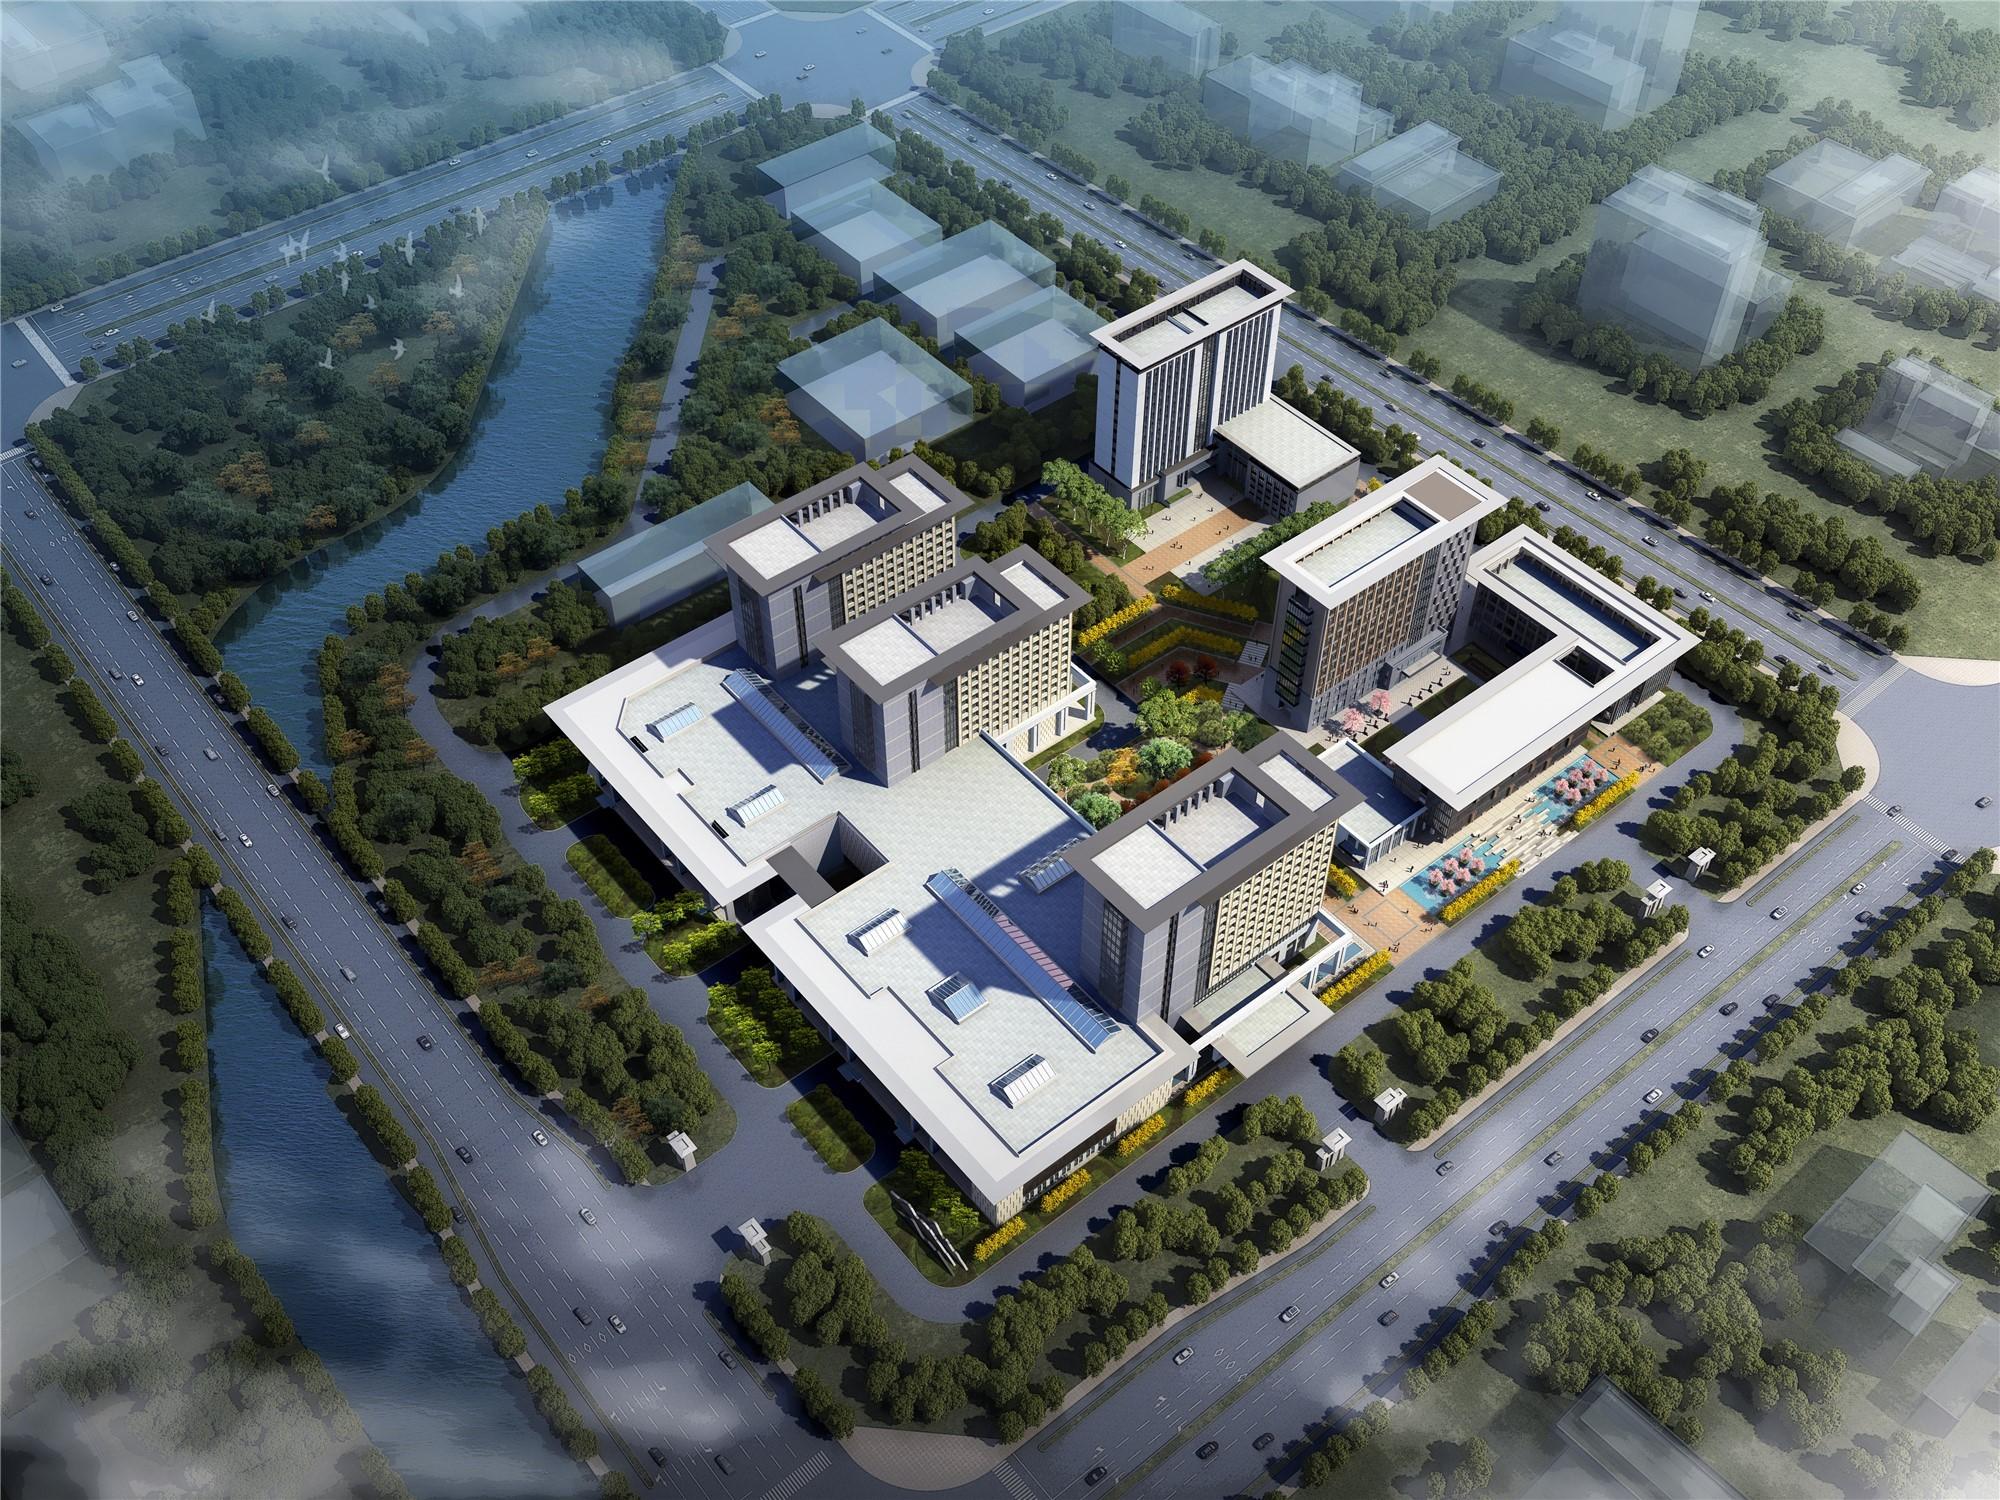 陕西省中医药研究院(陕西省中医医院)